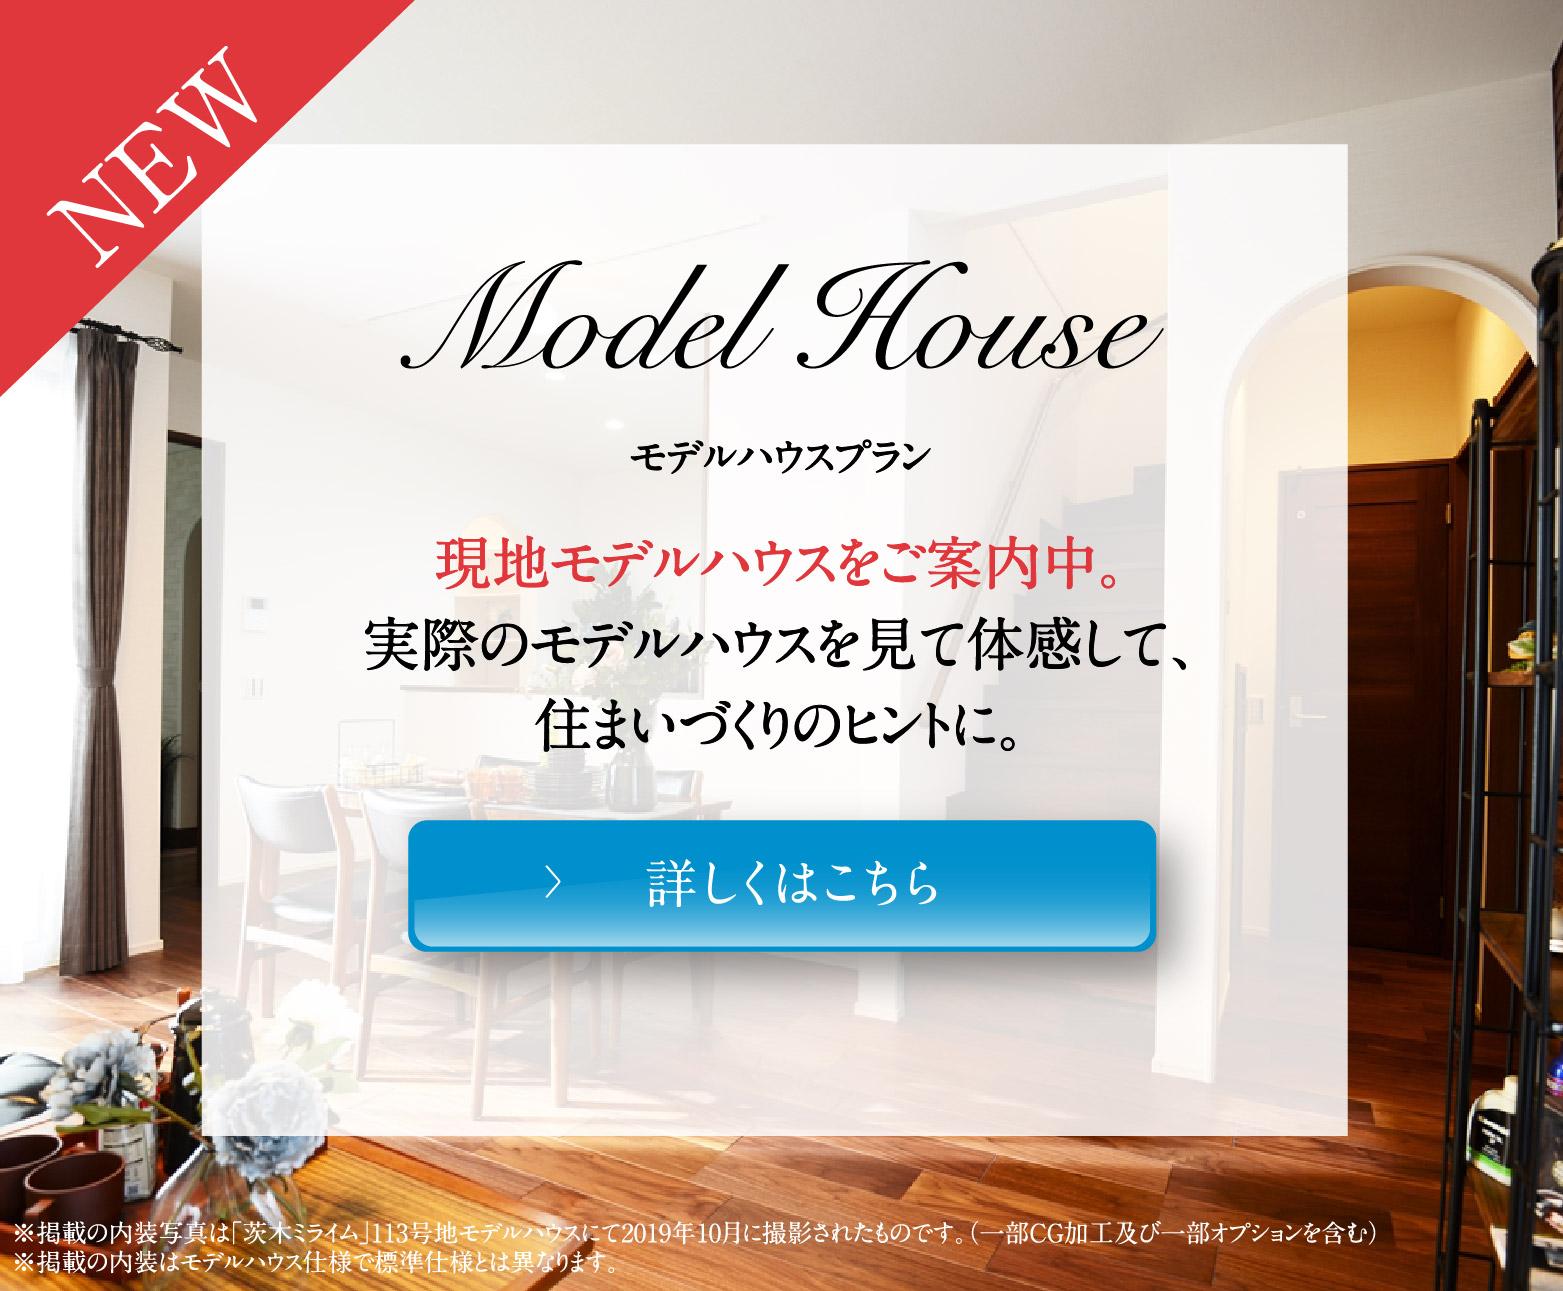 【茨木ミライム】モデルハウス